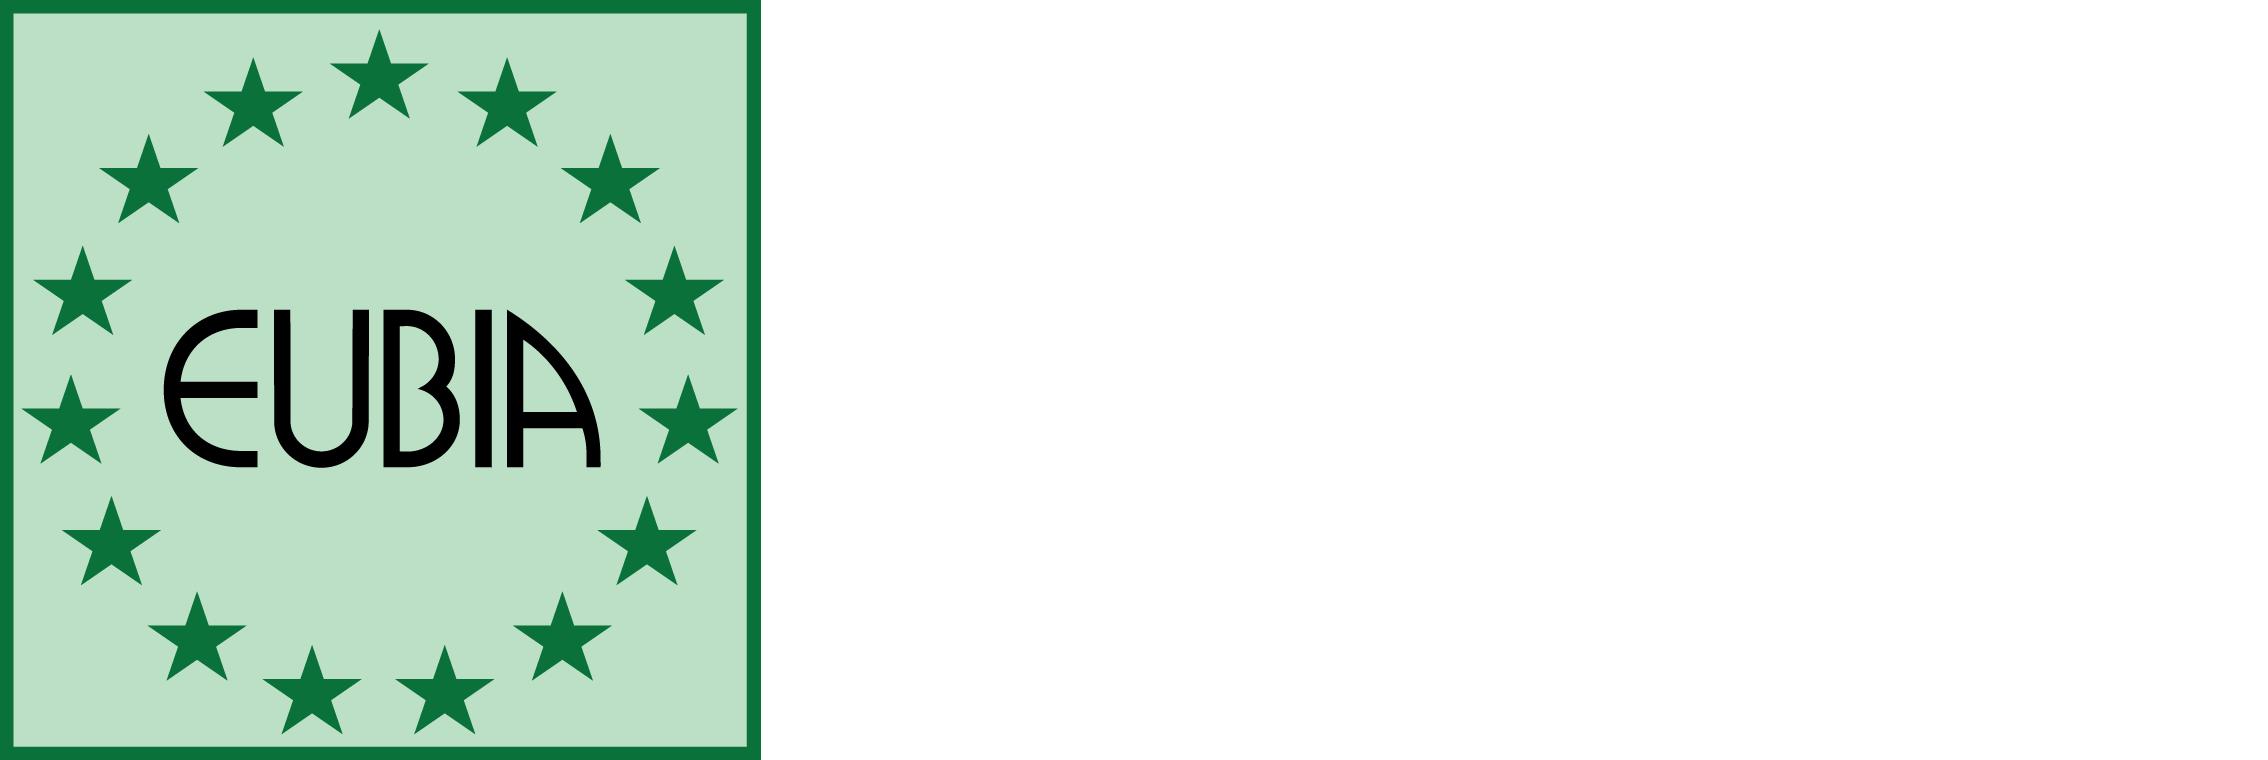 EUBIA Award